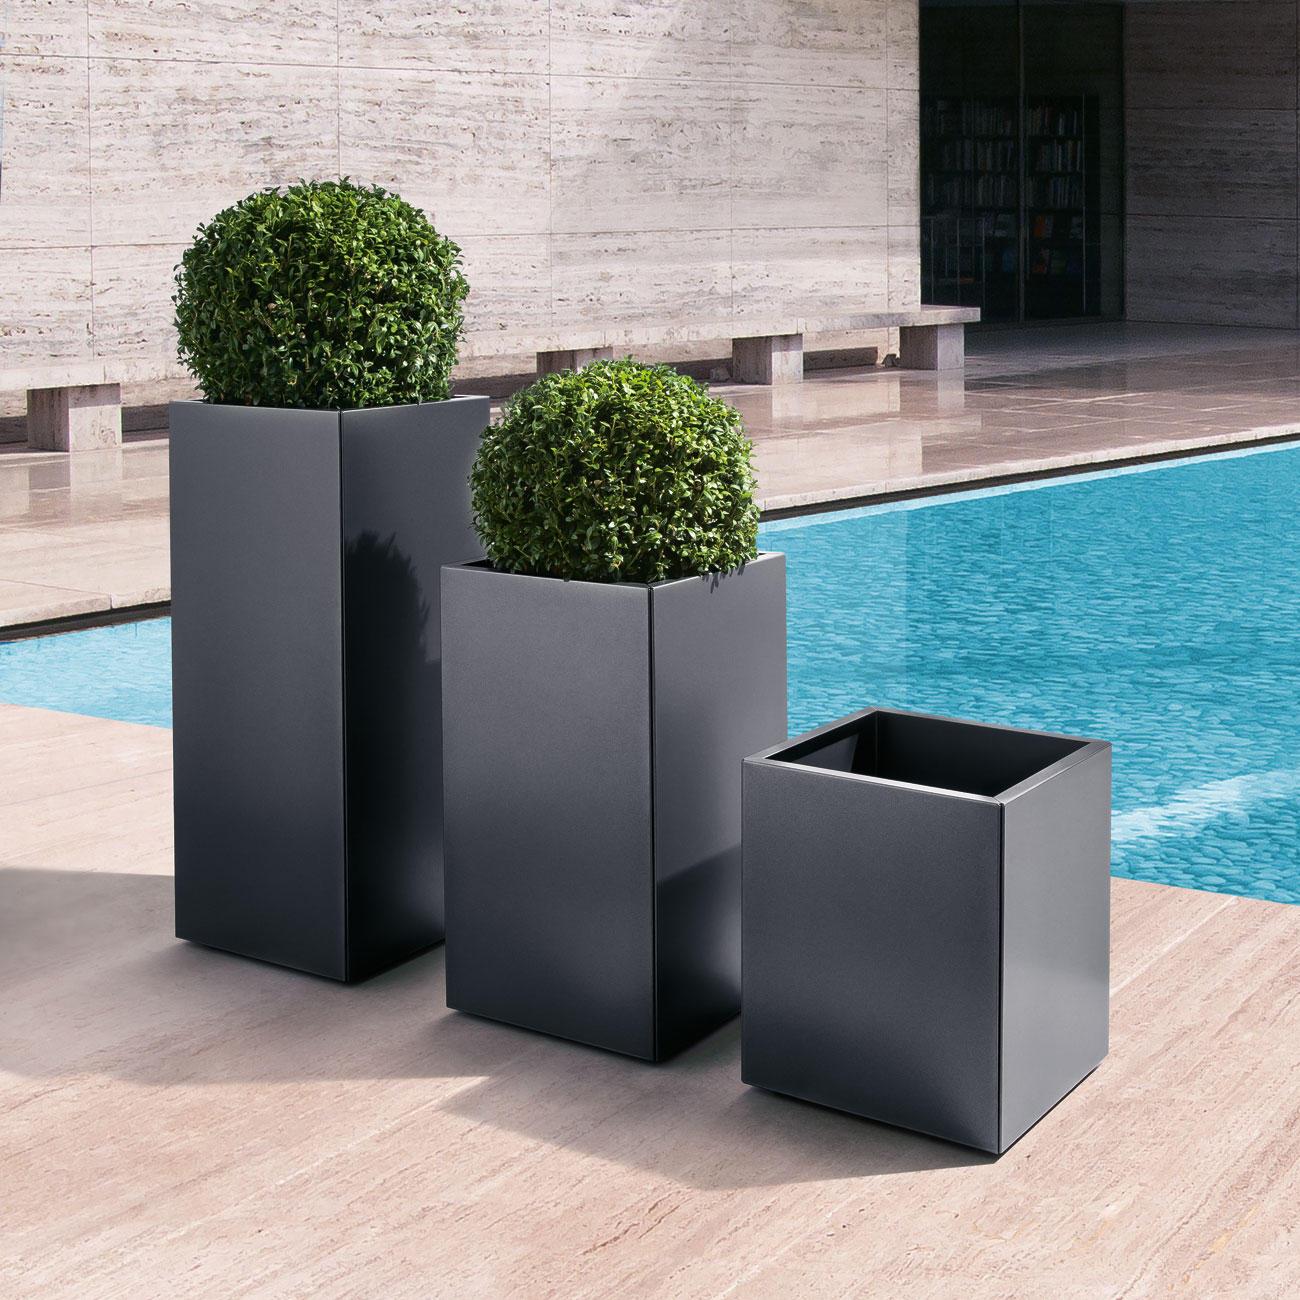 verrijdbare plantenbak planter goedkoop online kopen. Black Bedroom Furniture Sets. Home Design Ideas